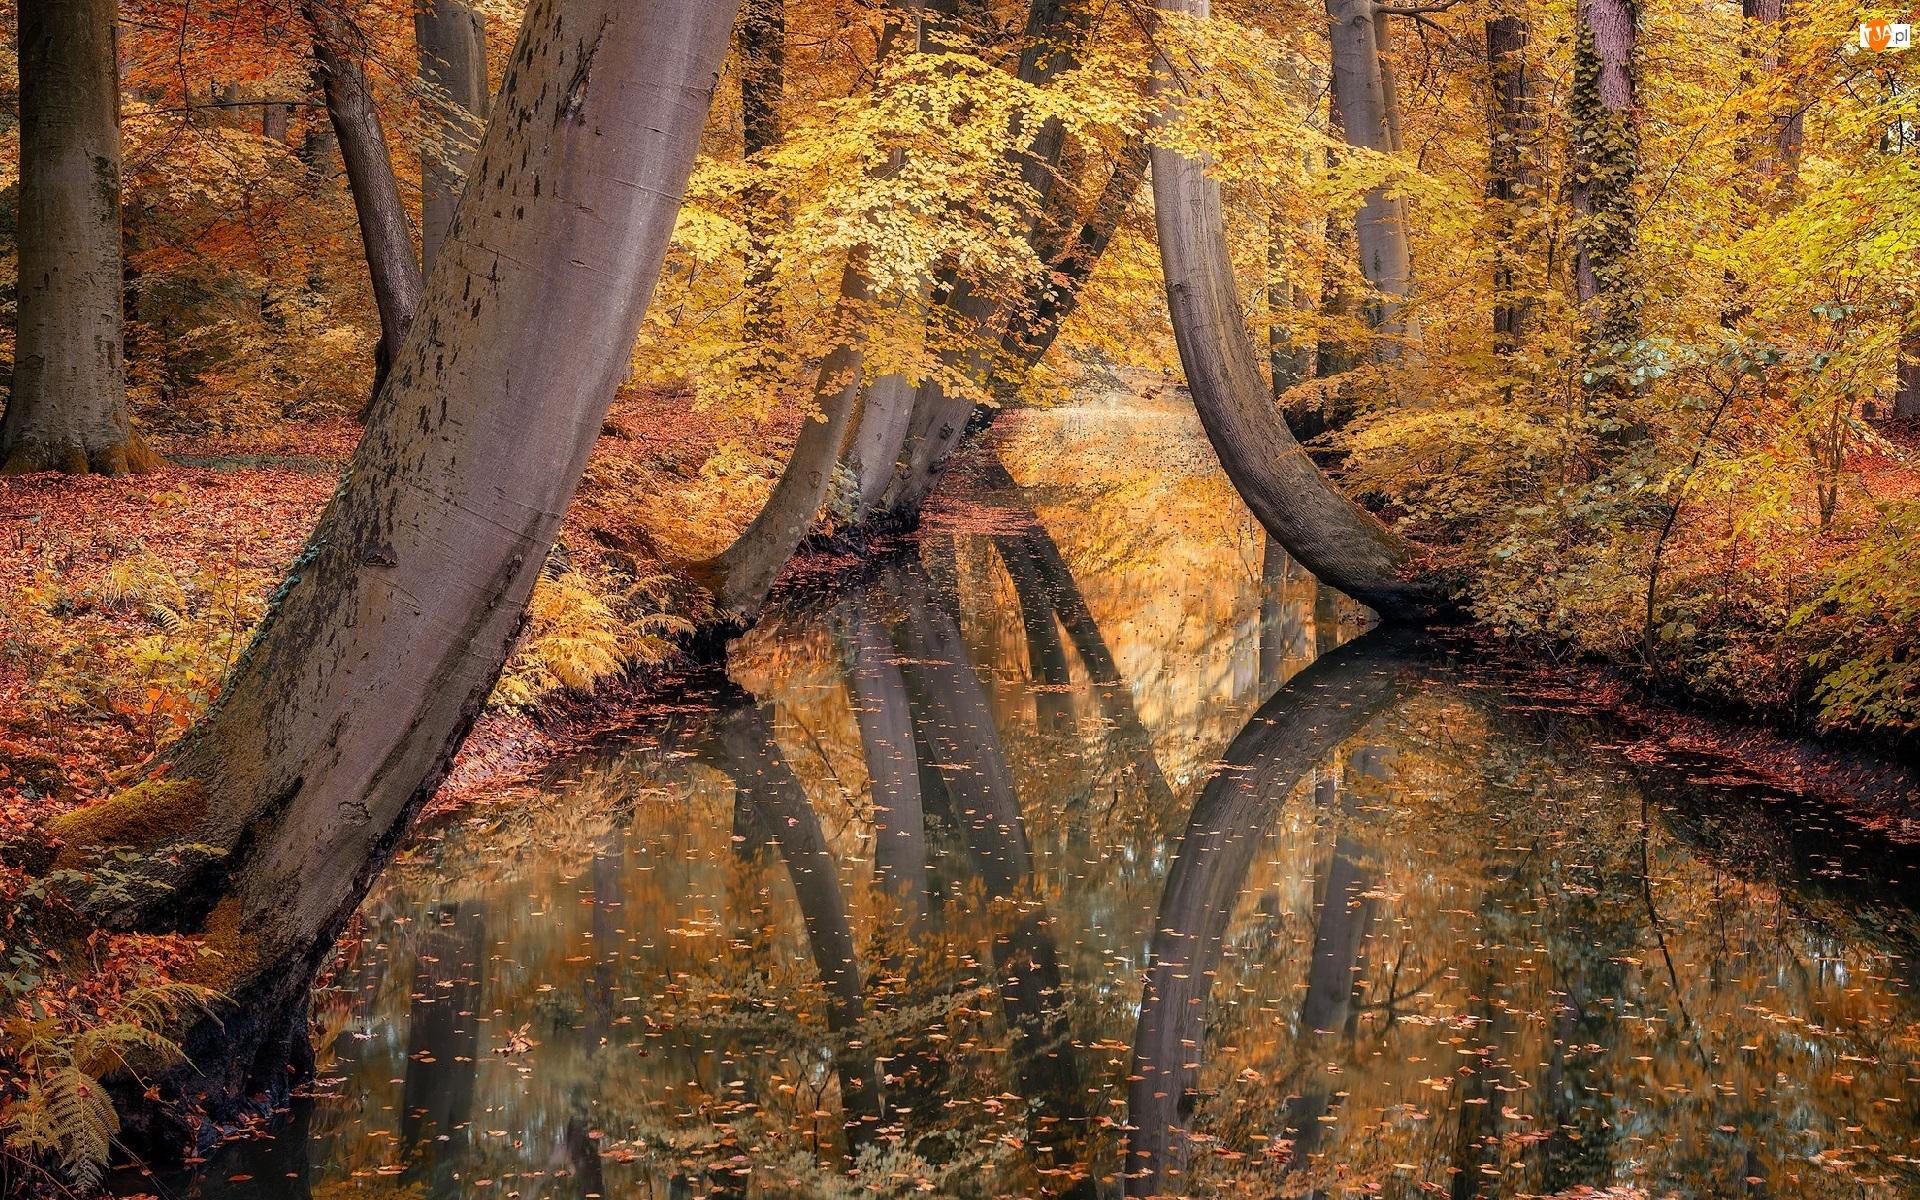 Las, Jesień, Opadłe, Rzeka, Drzewa, Liście